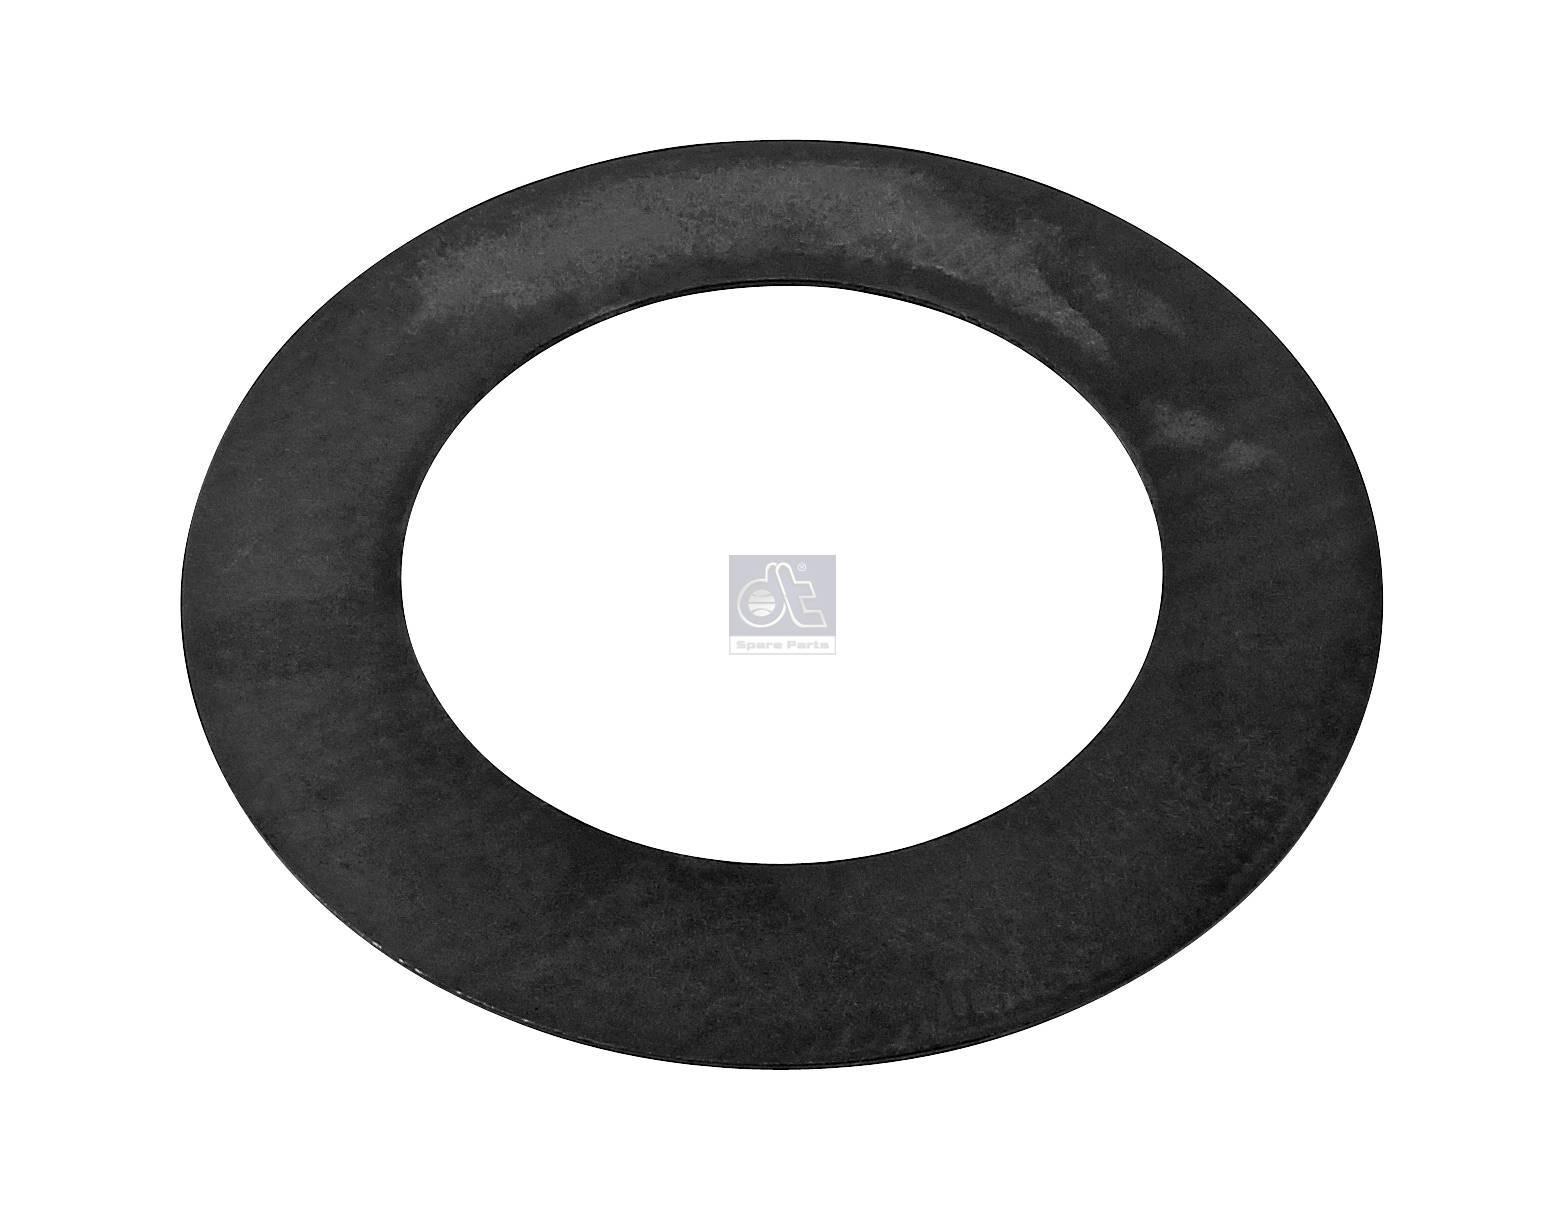 Wear ring